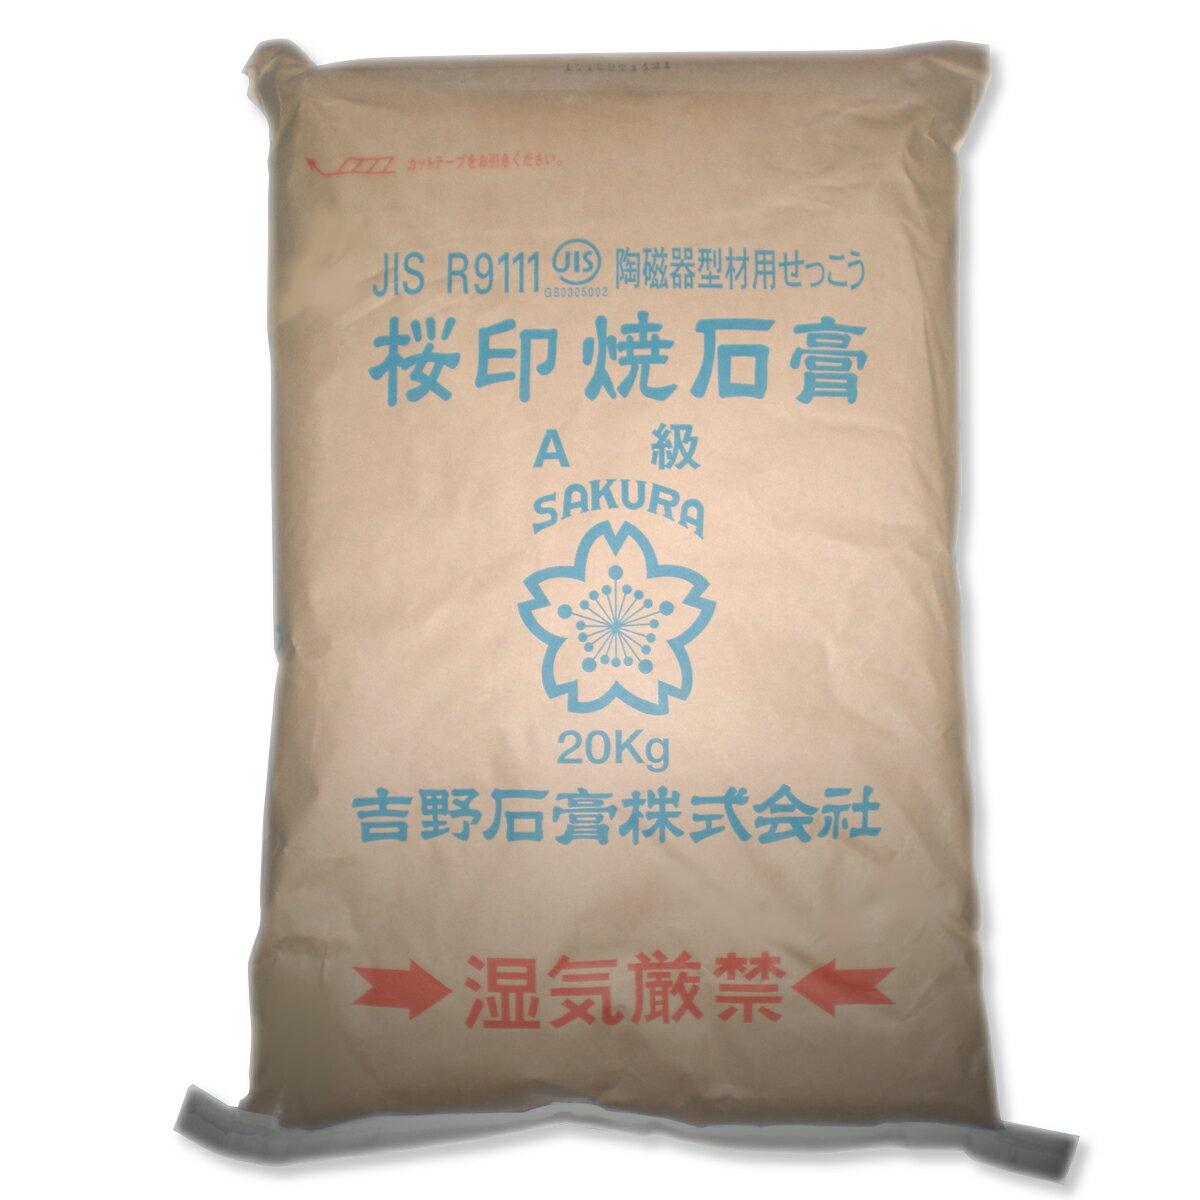 吉野石膏 陶磁器型材用 焼せっこう 上級品 A級 20kg 【 石膏 石こう 型取り 】